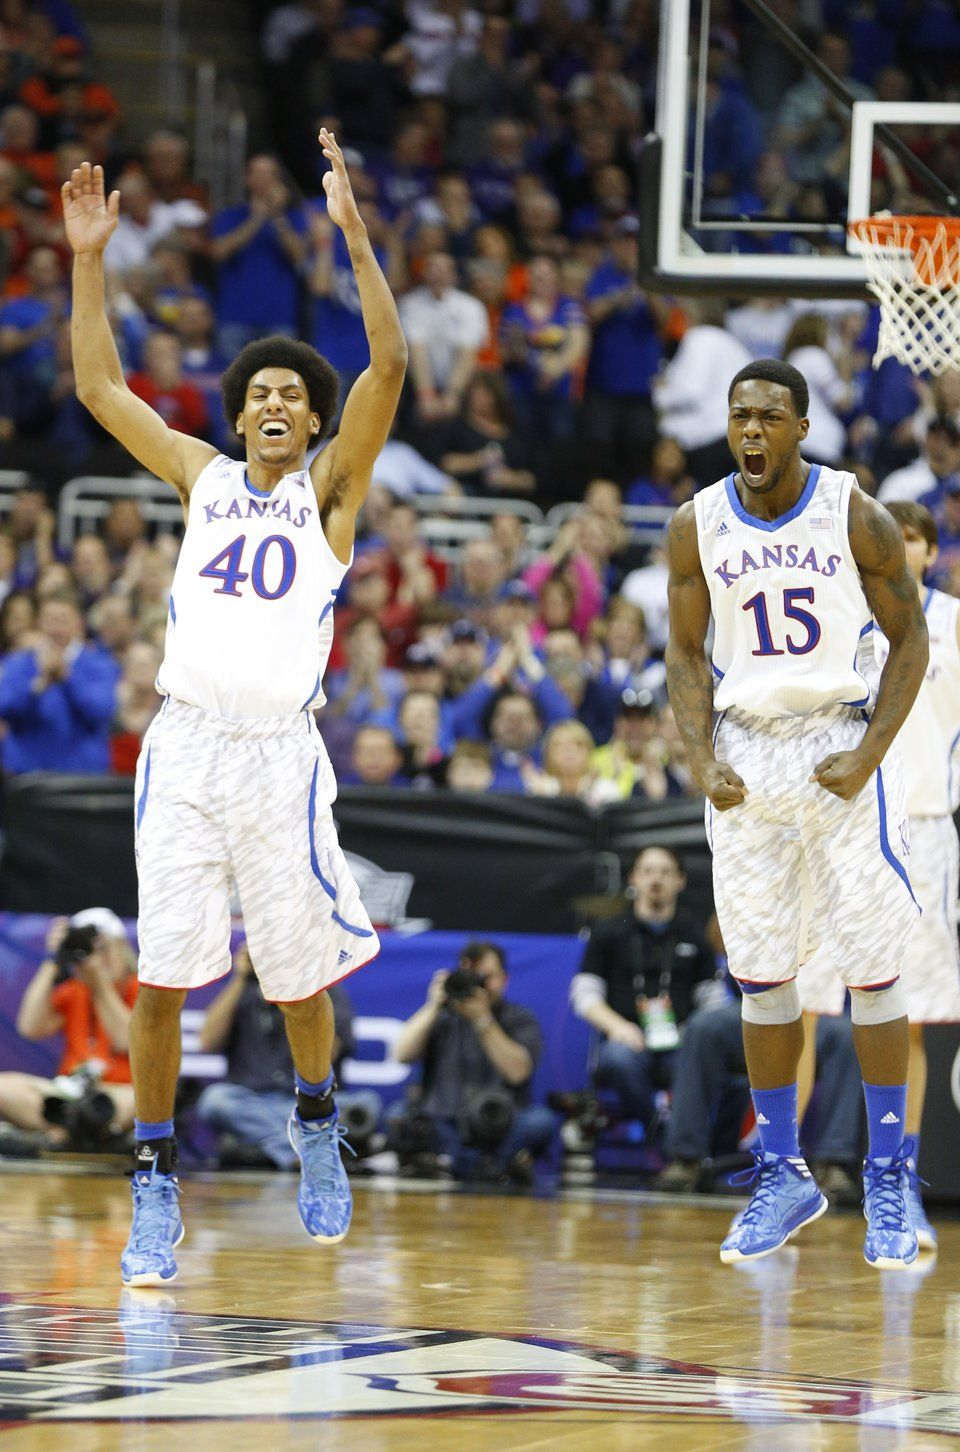 Kevin Young/Elijah Johnson KU Ku basketball, Kansas